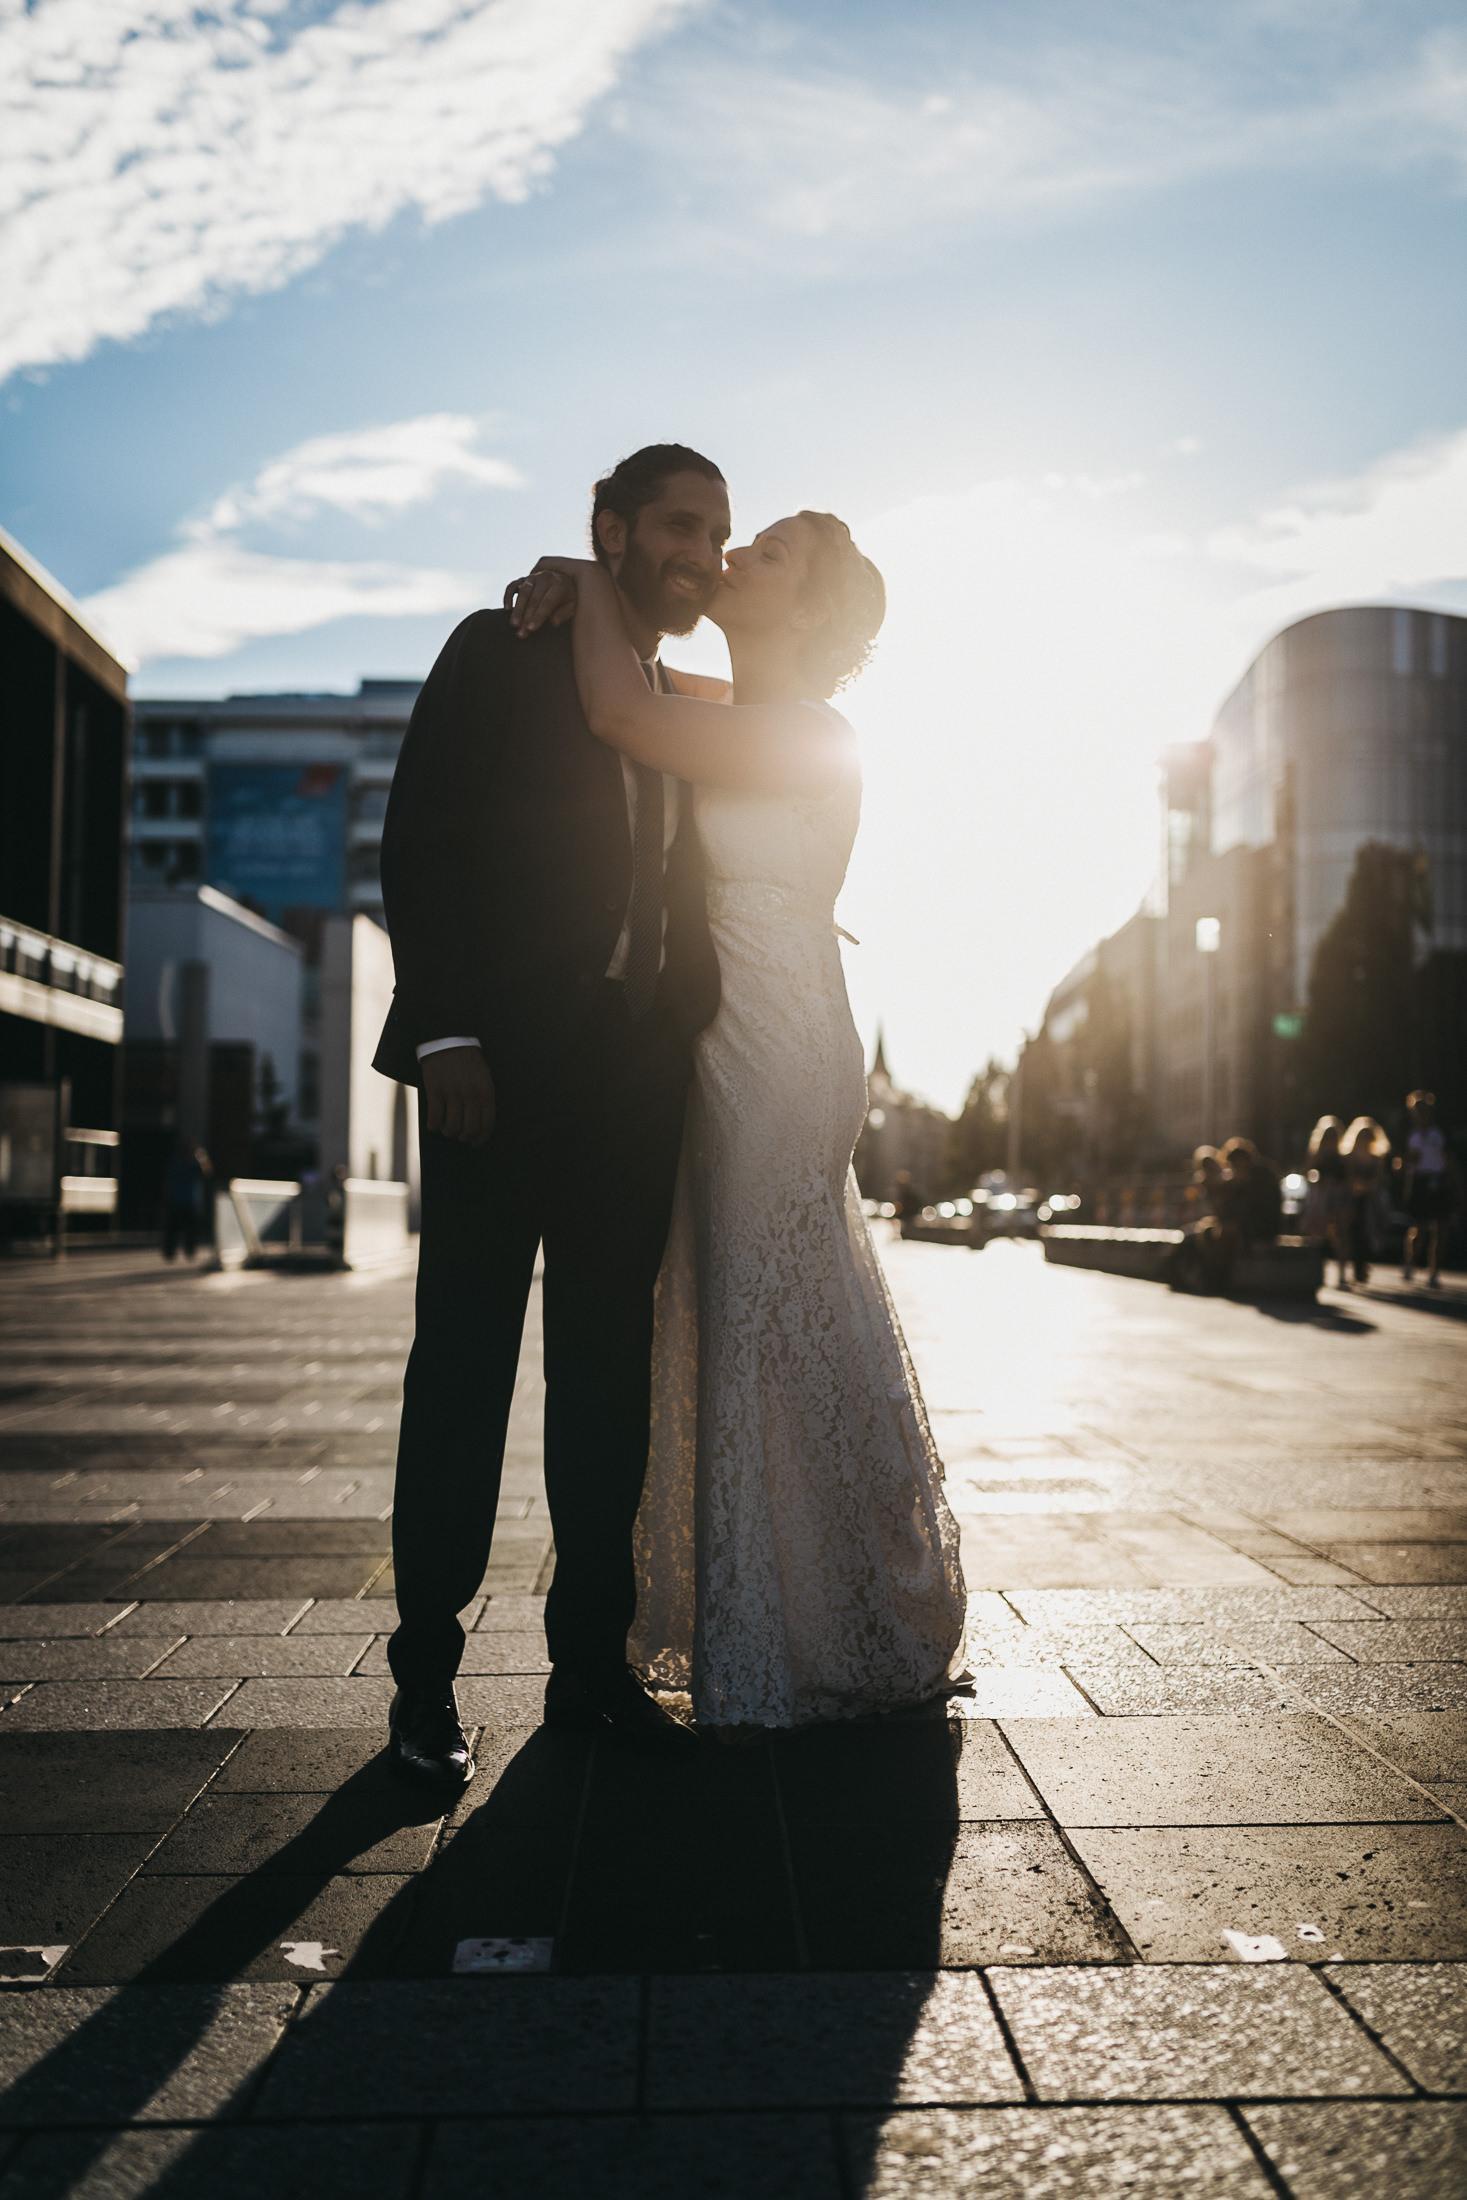 Jessi-Niko-Hochzeit-Nuernberg-city-urban-Bildervomleben-7J0A4671